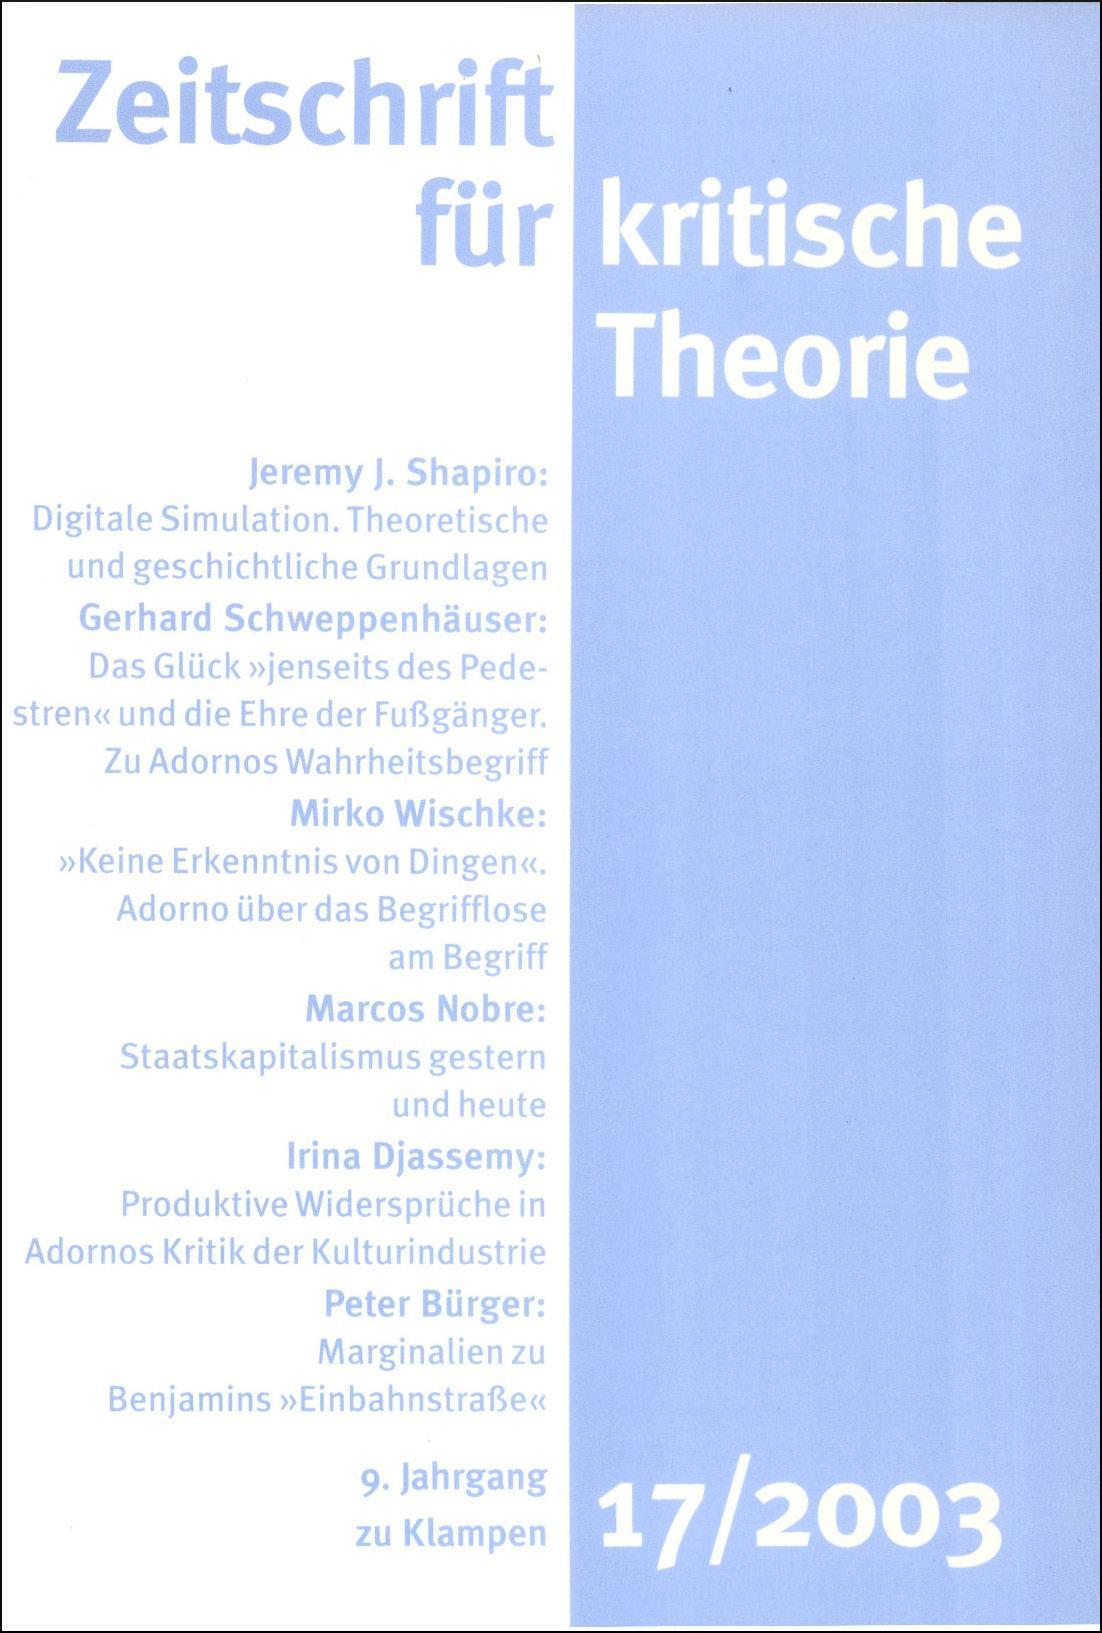 Zeitschrift für kritische Theorie 17/2003, Gerhard Schweppenhäuser